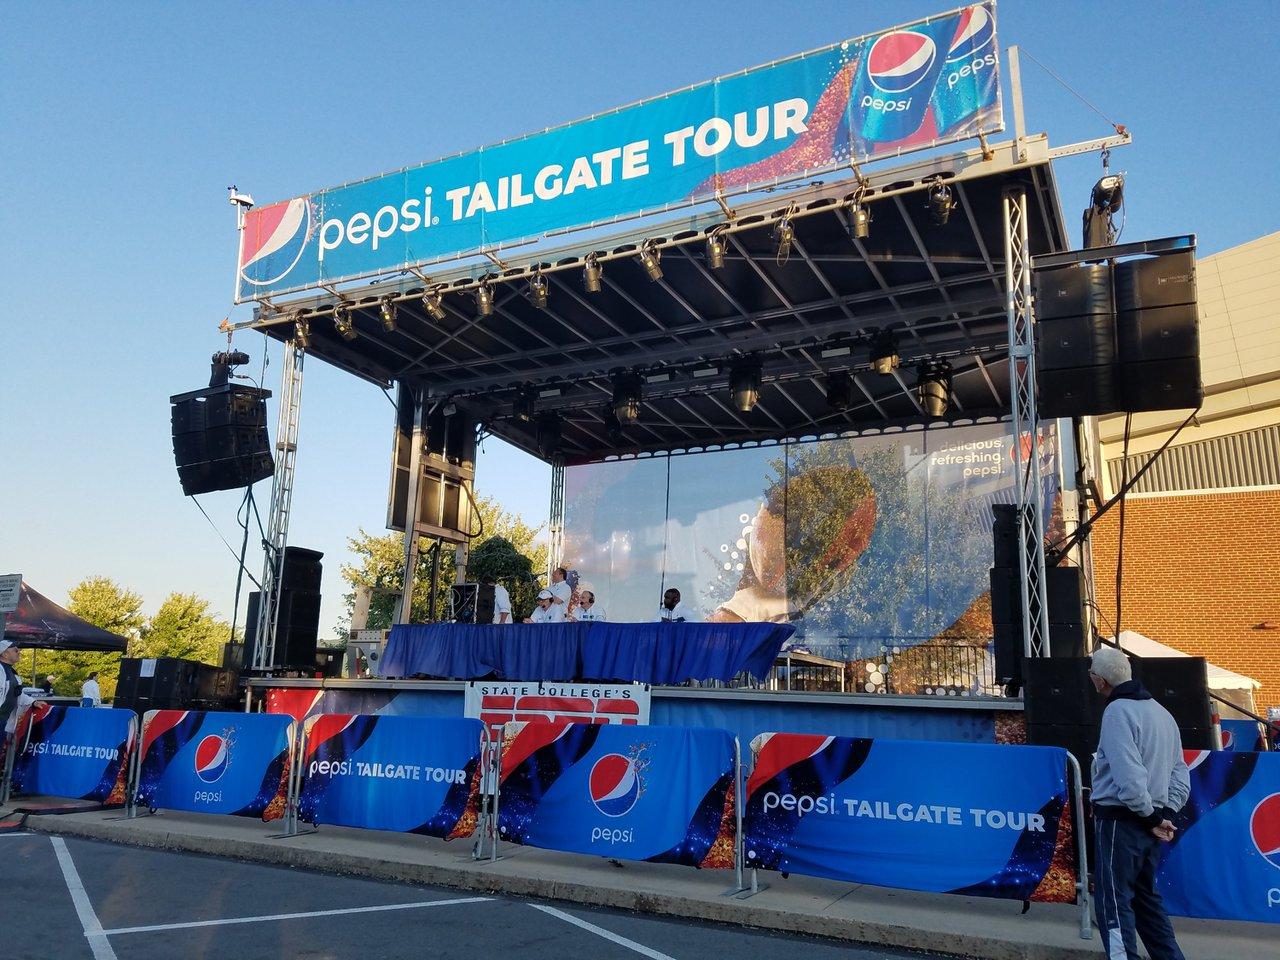 Pepsi Tailgate Tour photo Penn State - ESPN Pepsi Stage.jpg